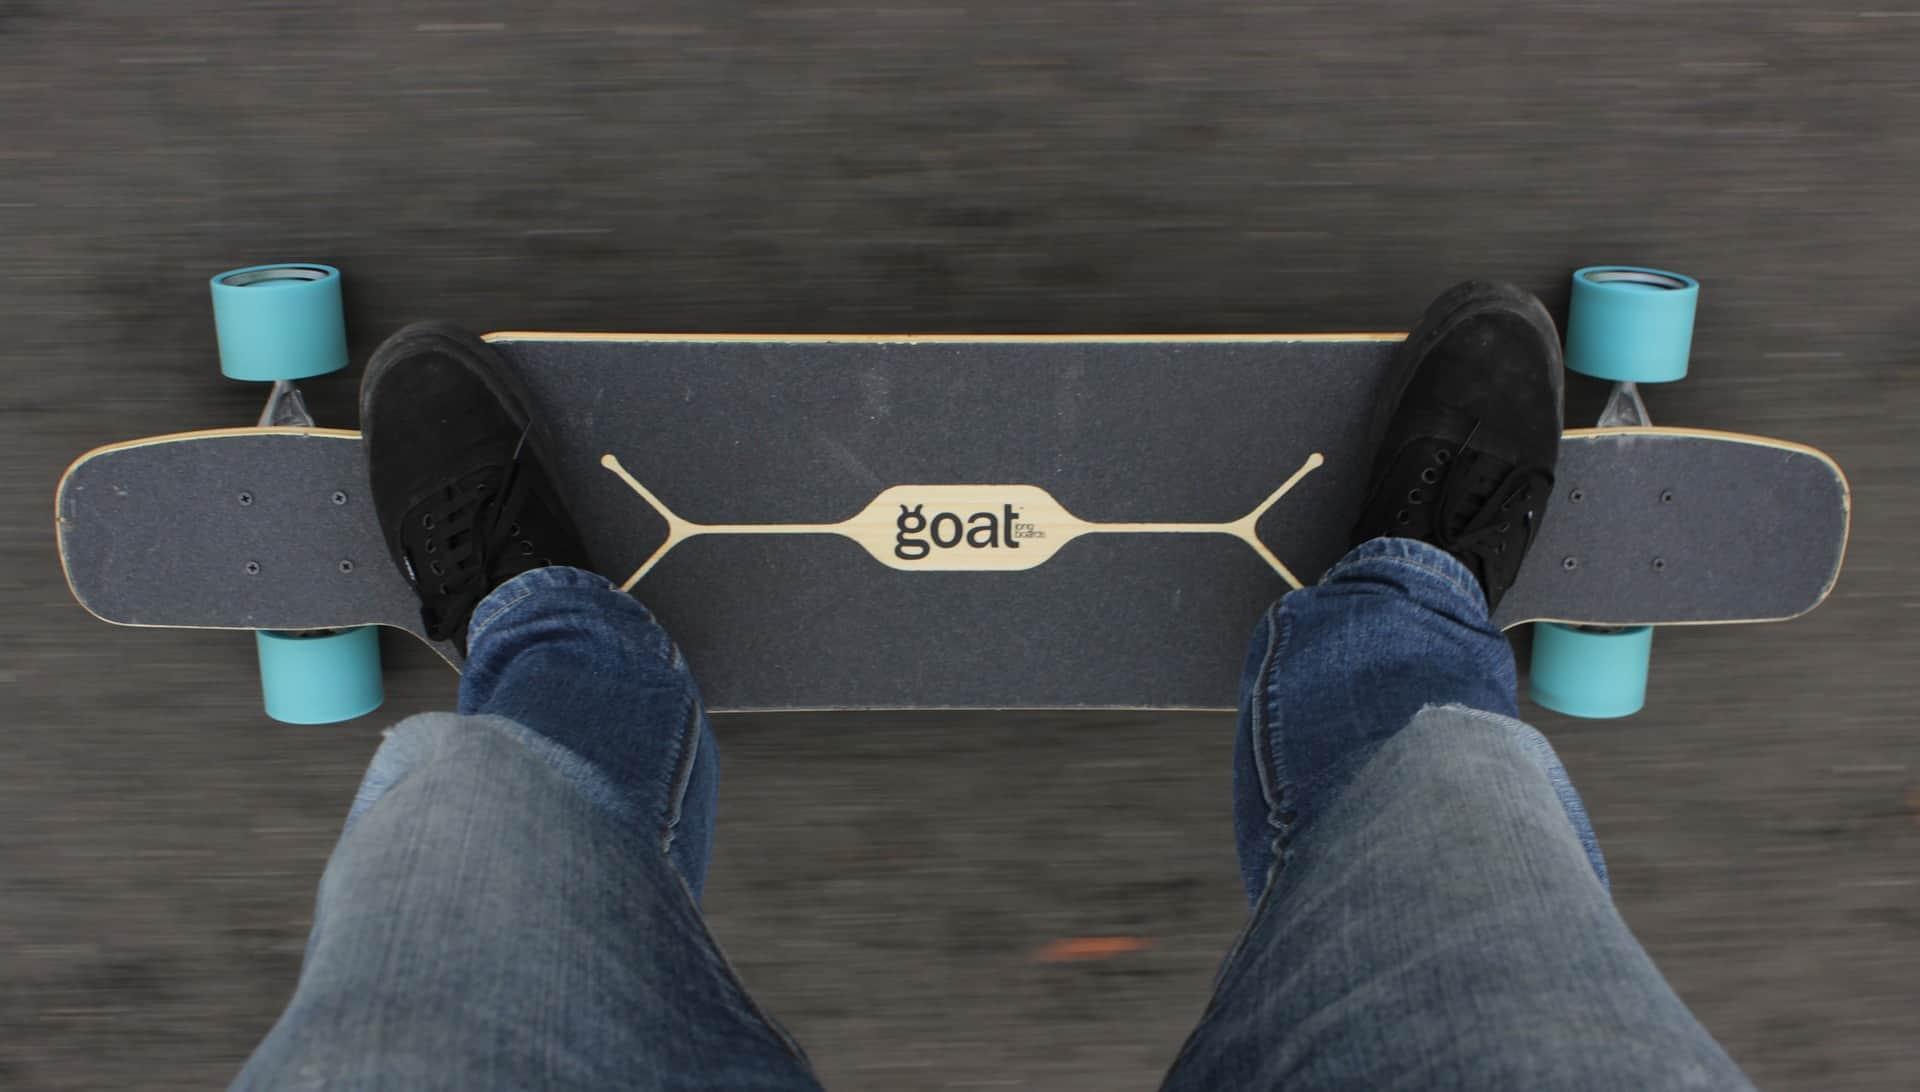 longboard-1058428_1920